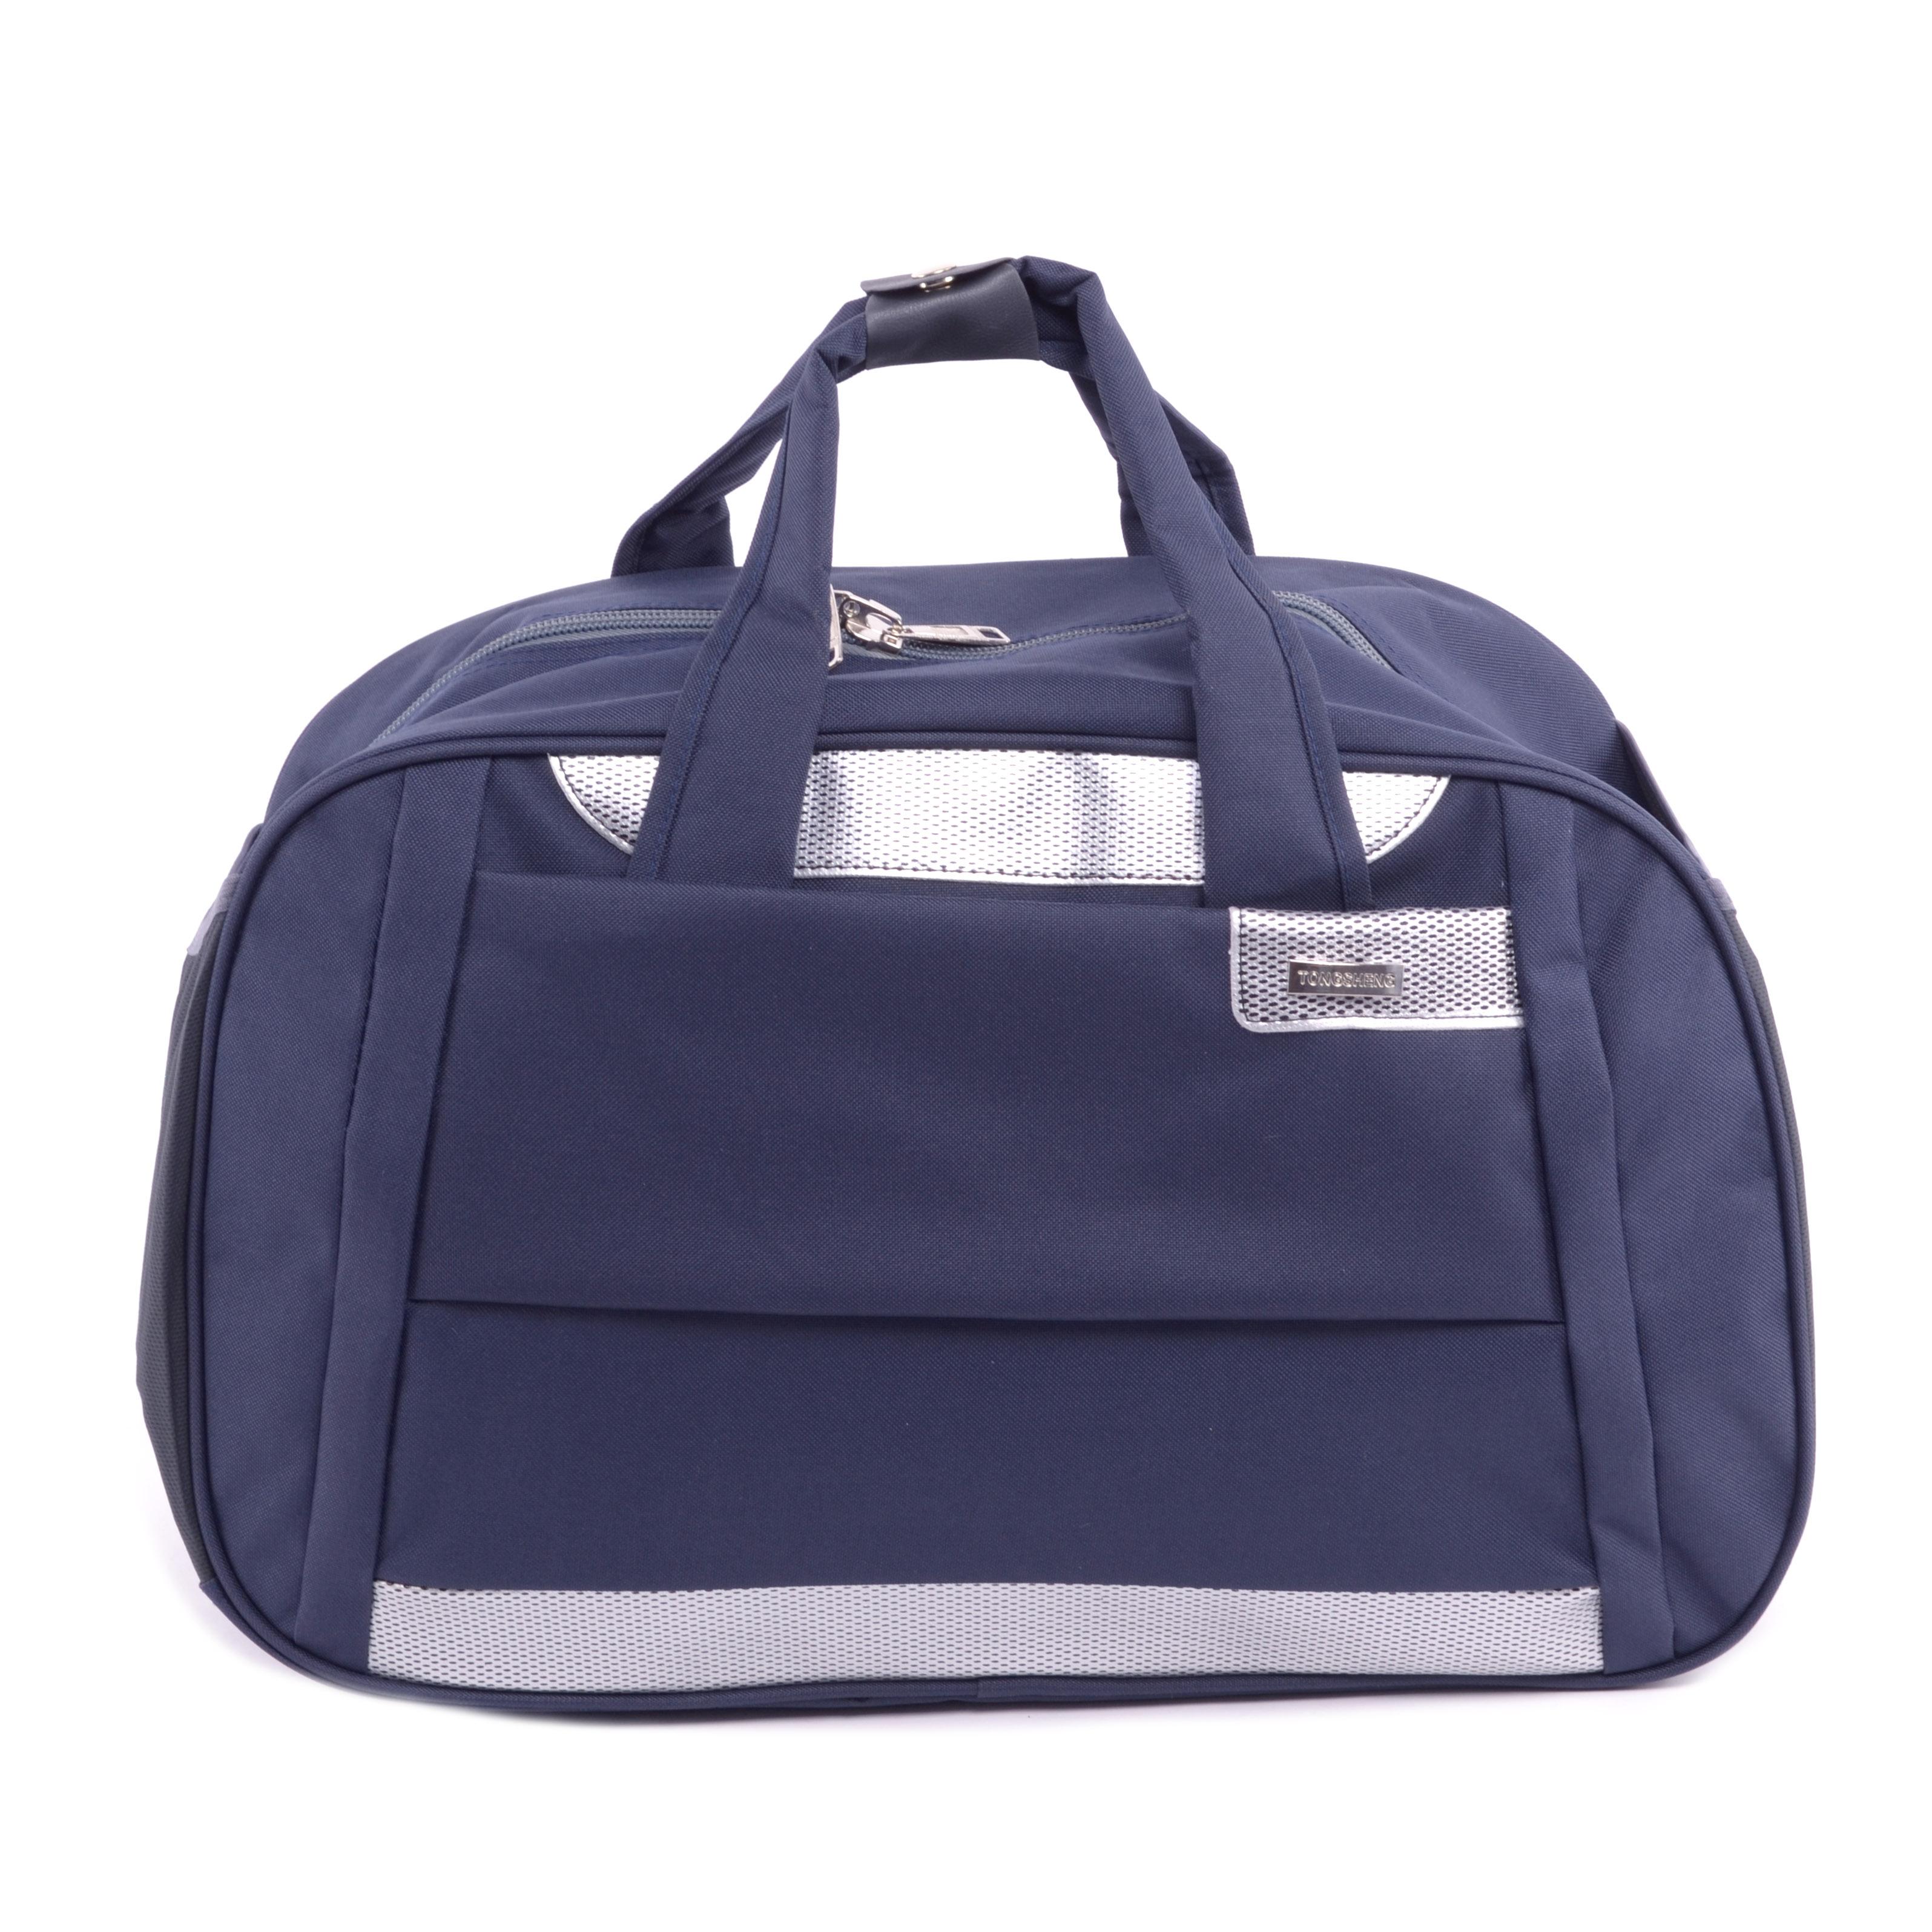 be74a56de7 Kék Nagy Méretű Utazótáska - SPORTTÁSKÁK - Táska webáruház - Minőségi táskák  mindenkinek